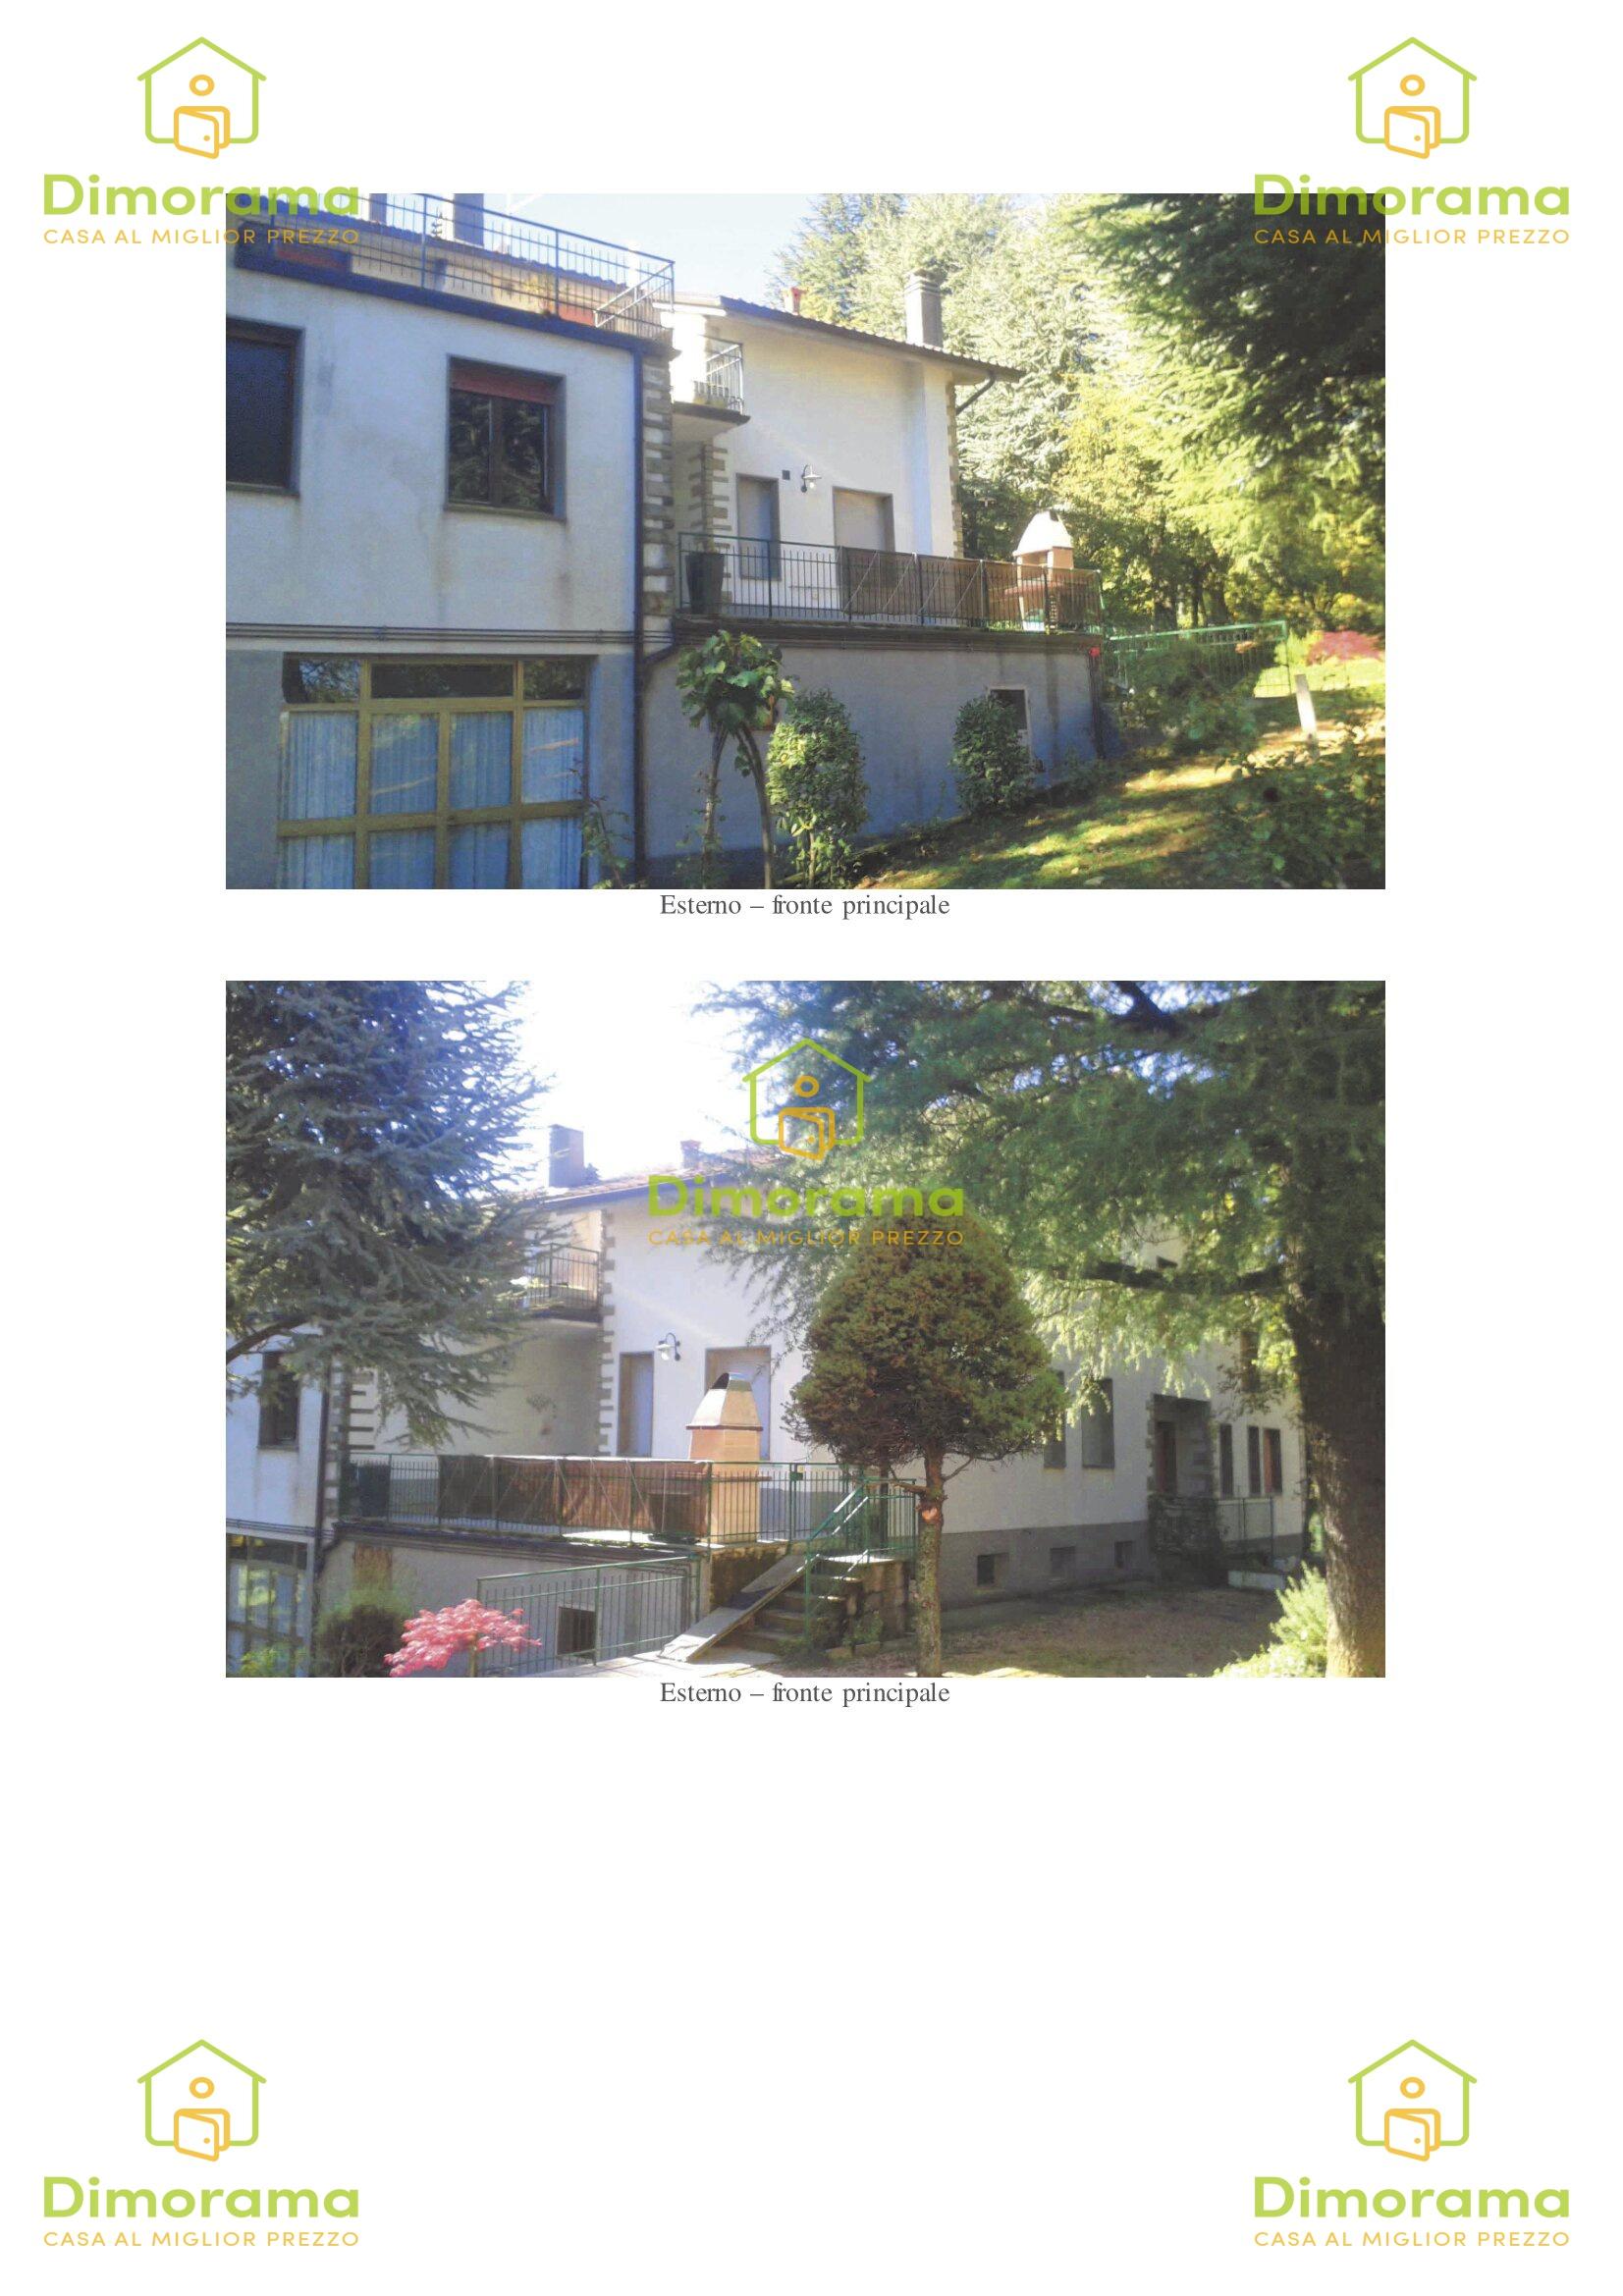 Appartamento, Via Cà de Bimbi, 2 (catastalmente Via Carpineta n. 73/1), 0, Vendita - Castel D'aiano